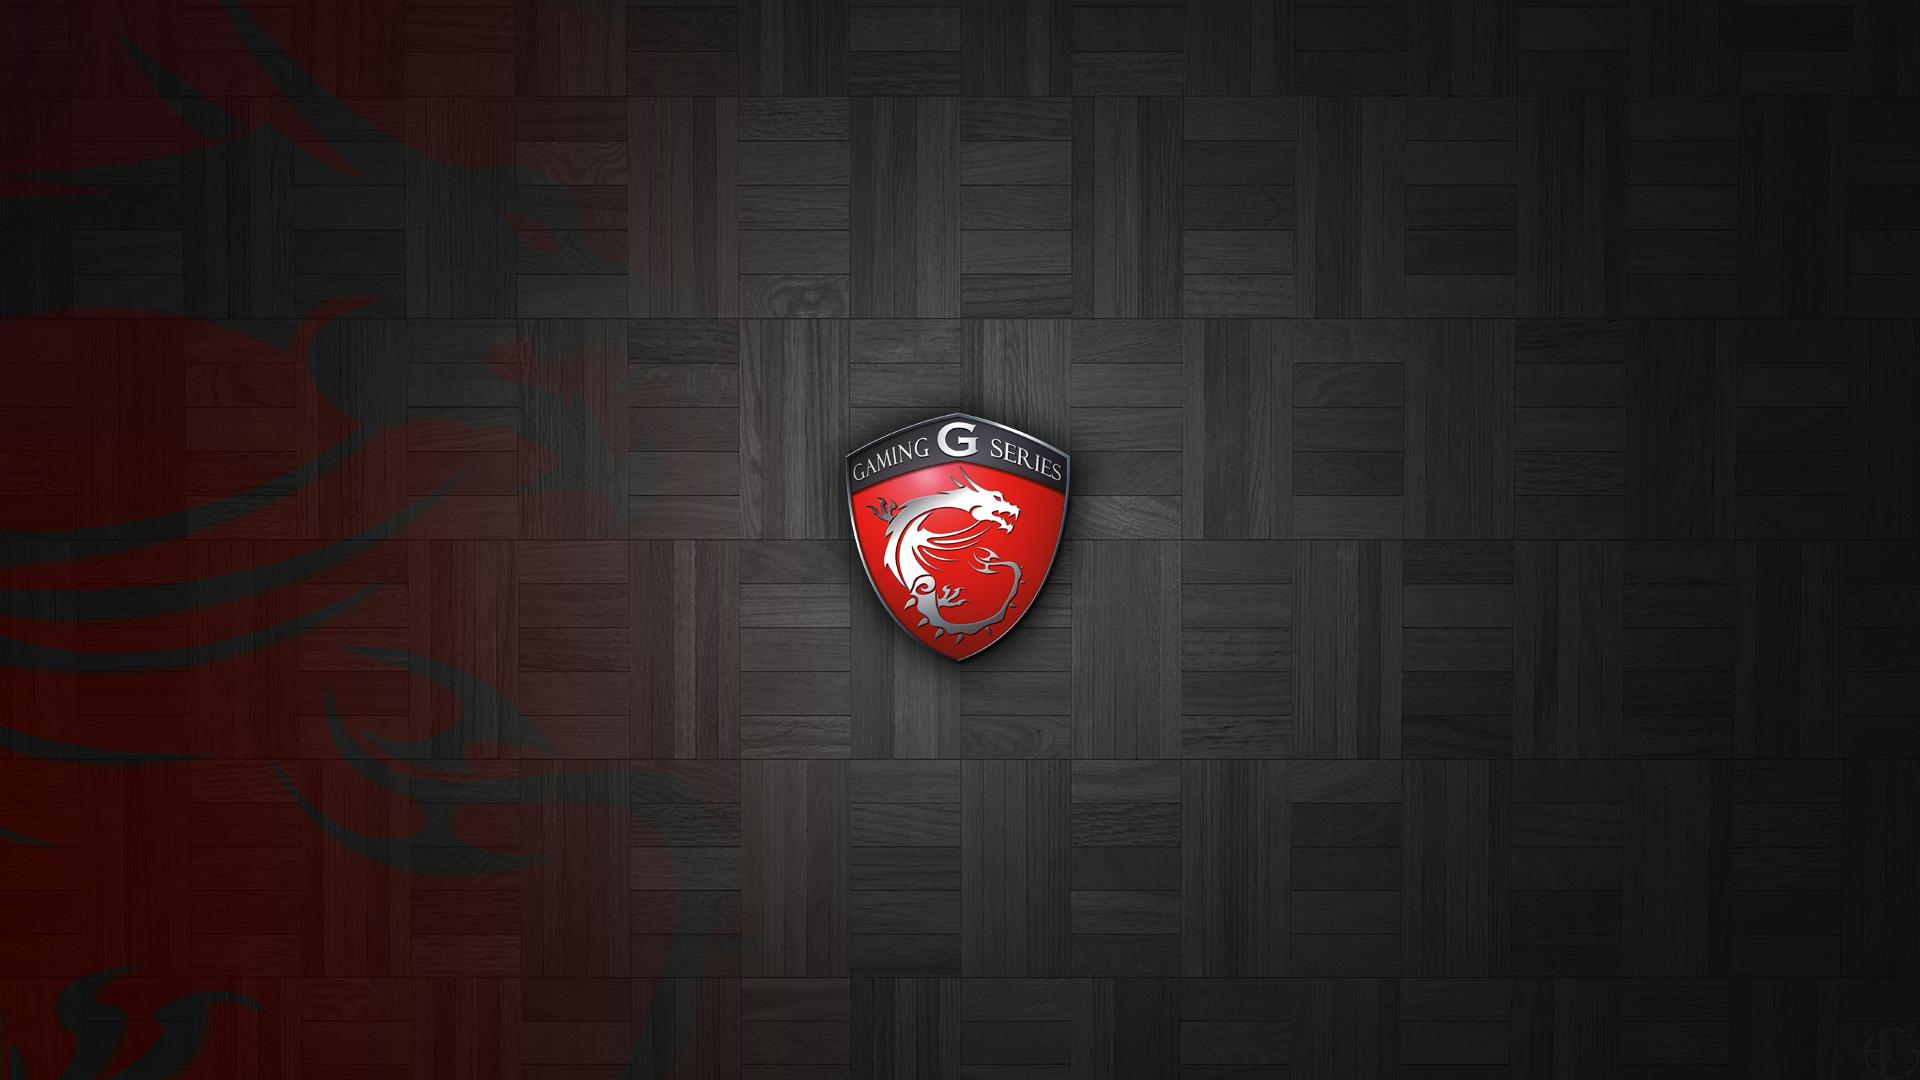 nvidia wallpaper 2560x1080